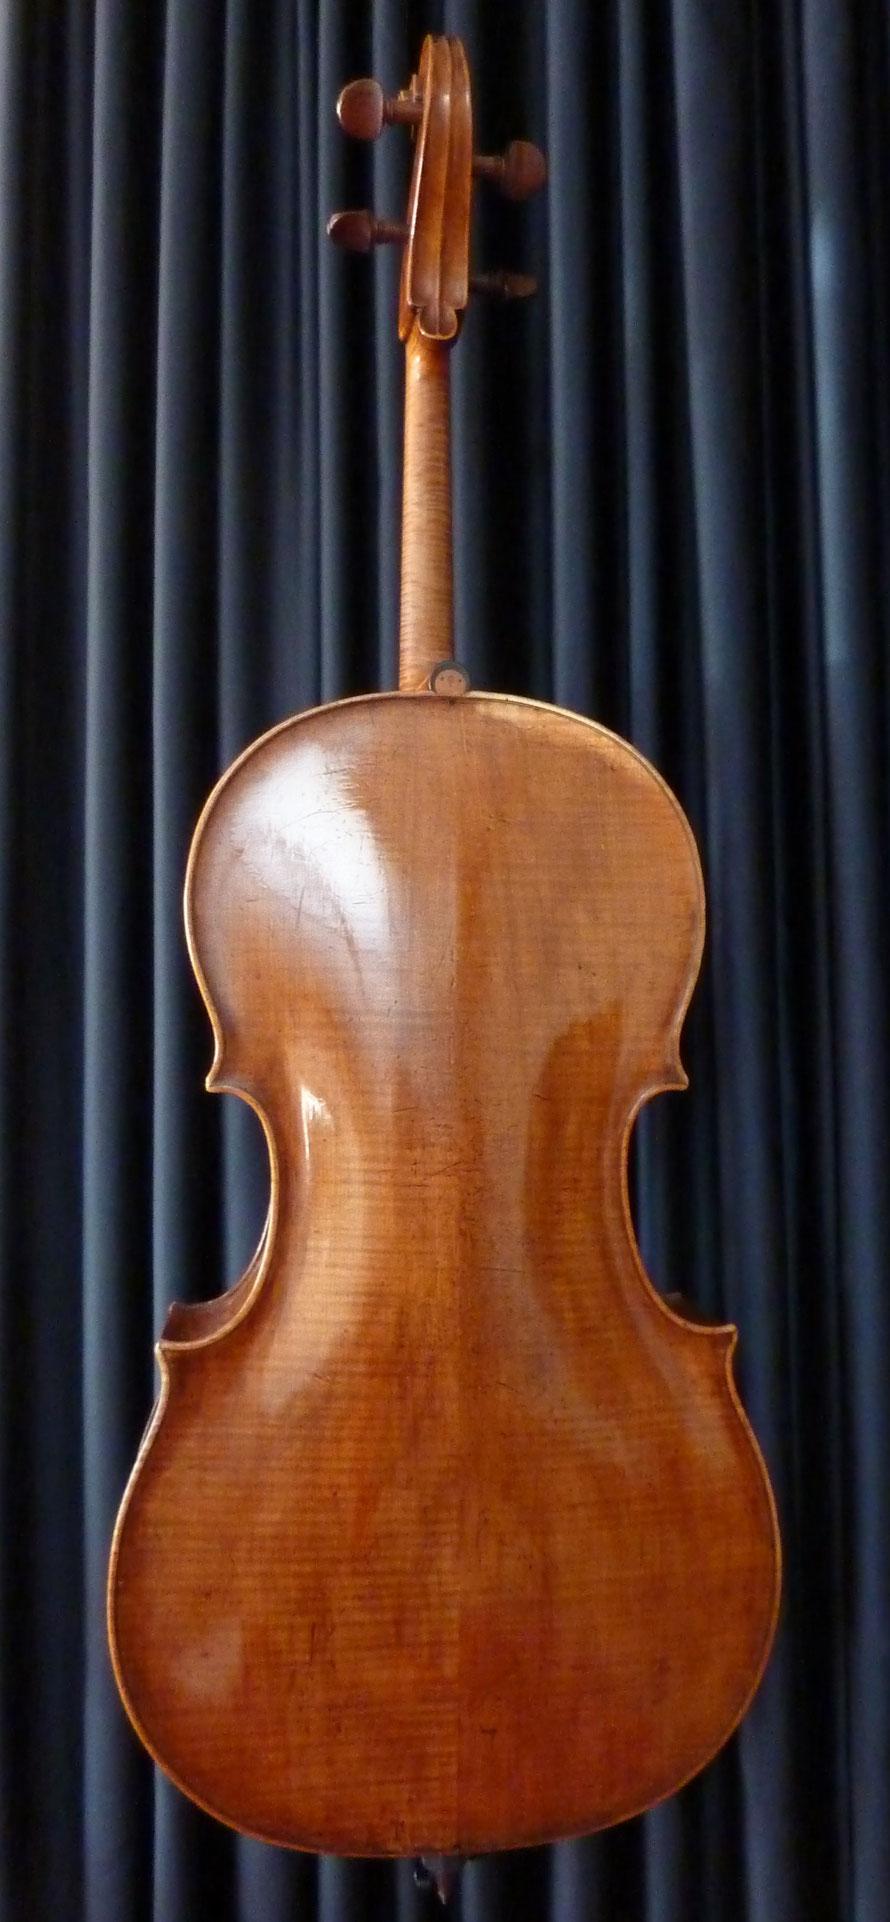 Violoncello, ca. 1750, angeschäftet, Erbauer unbekannt, Boden